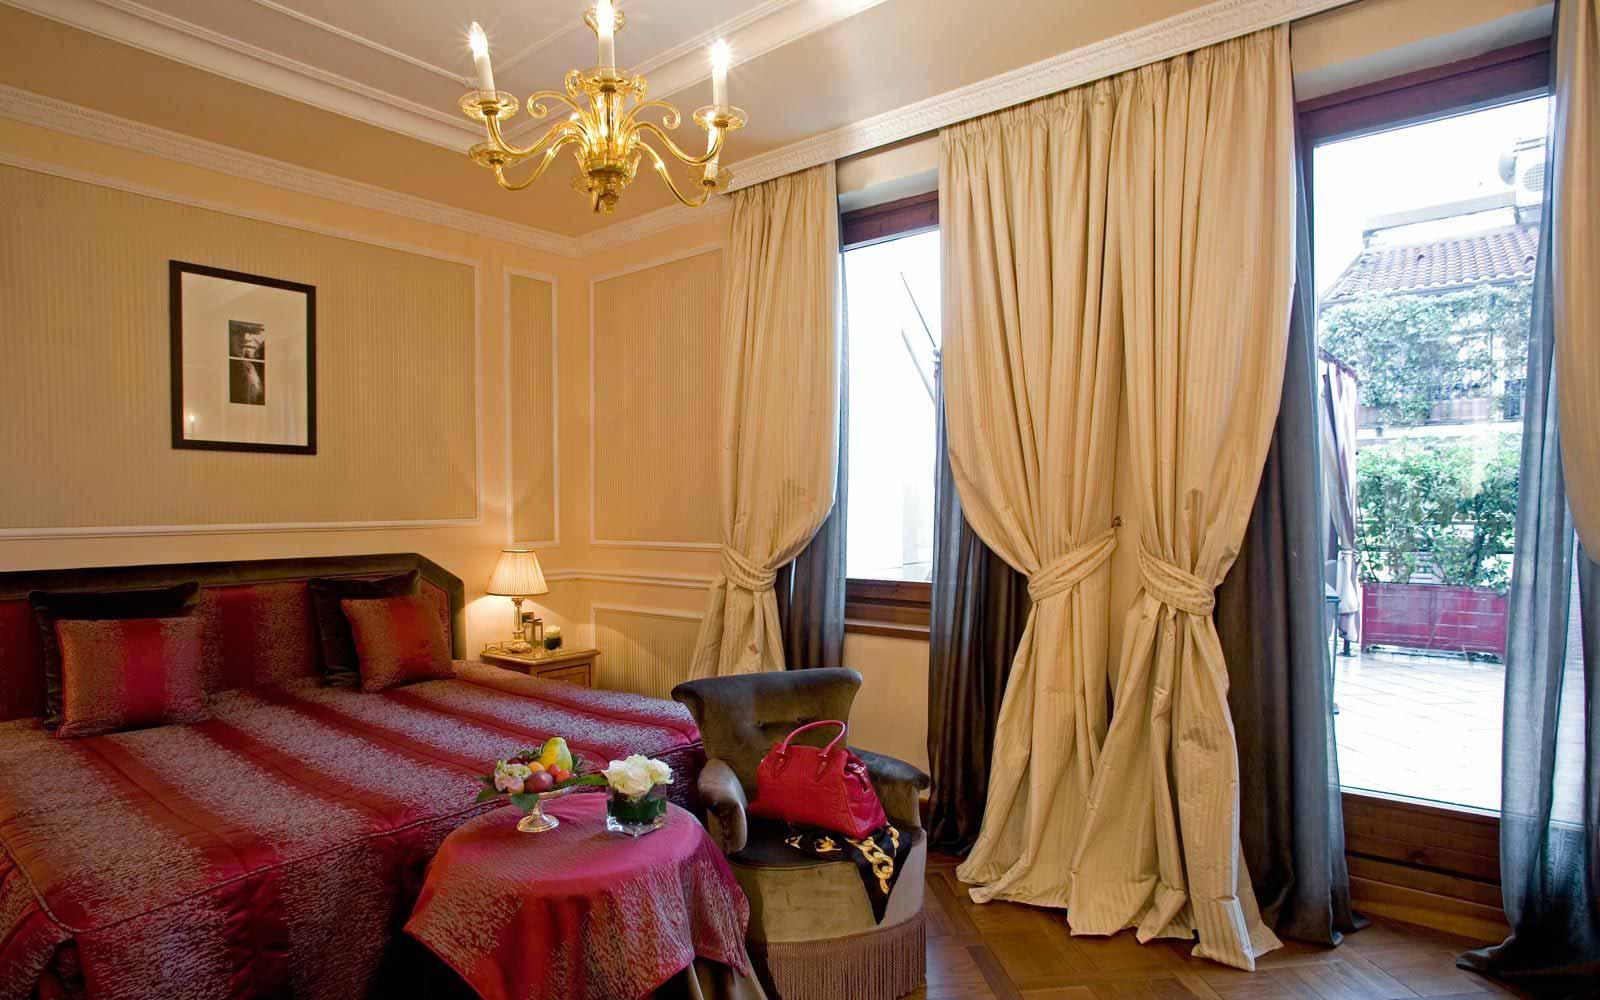 Deluxe room at Carlton Hotel Baglioni